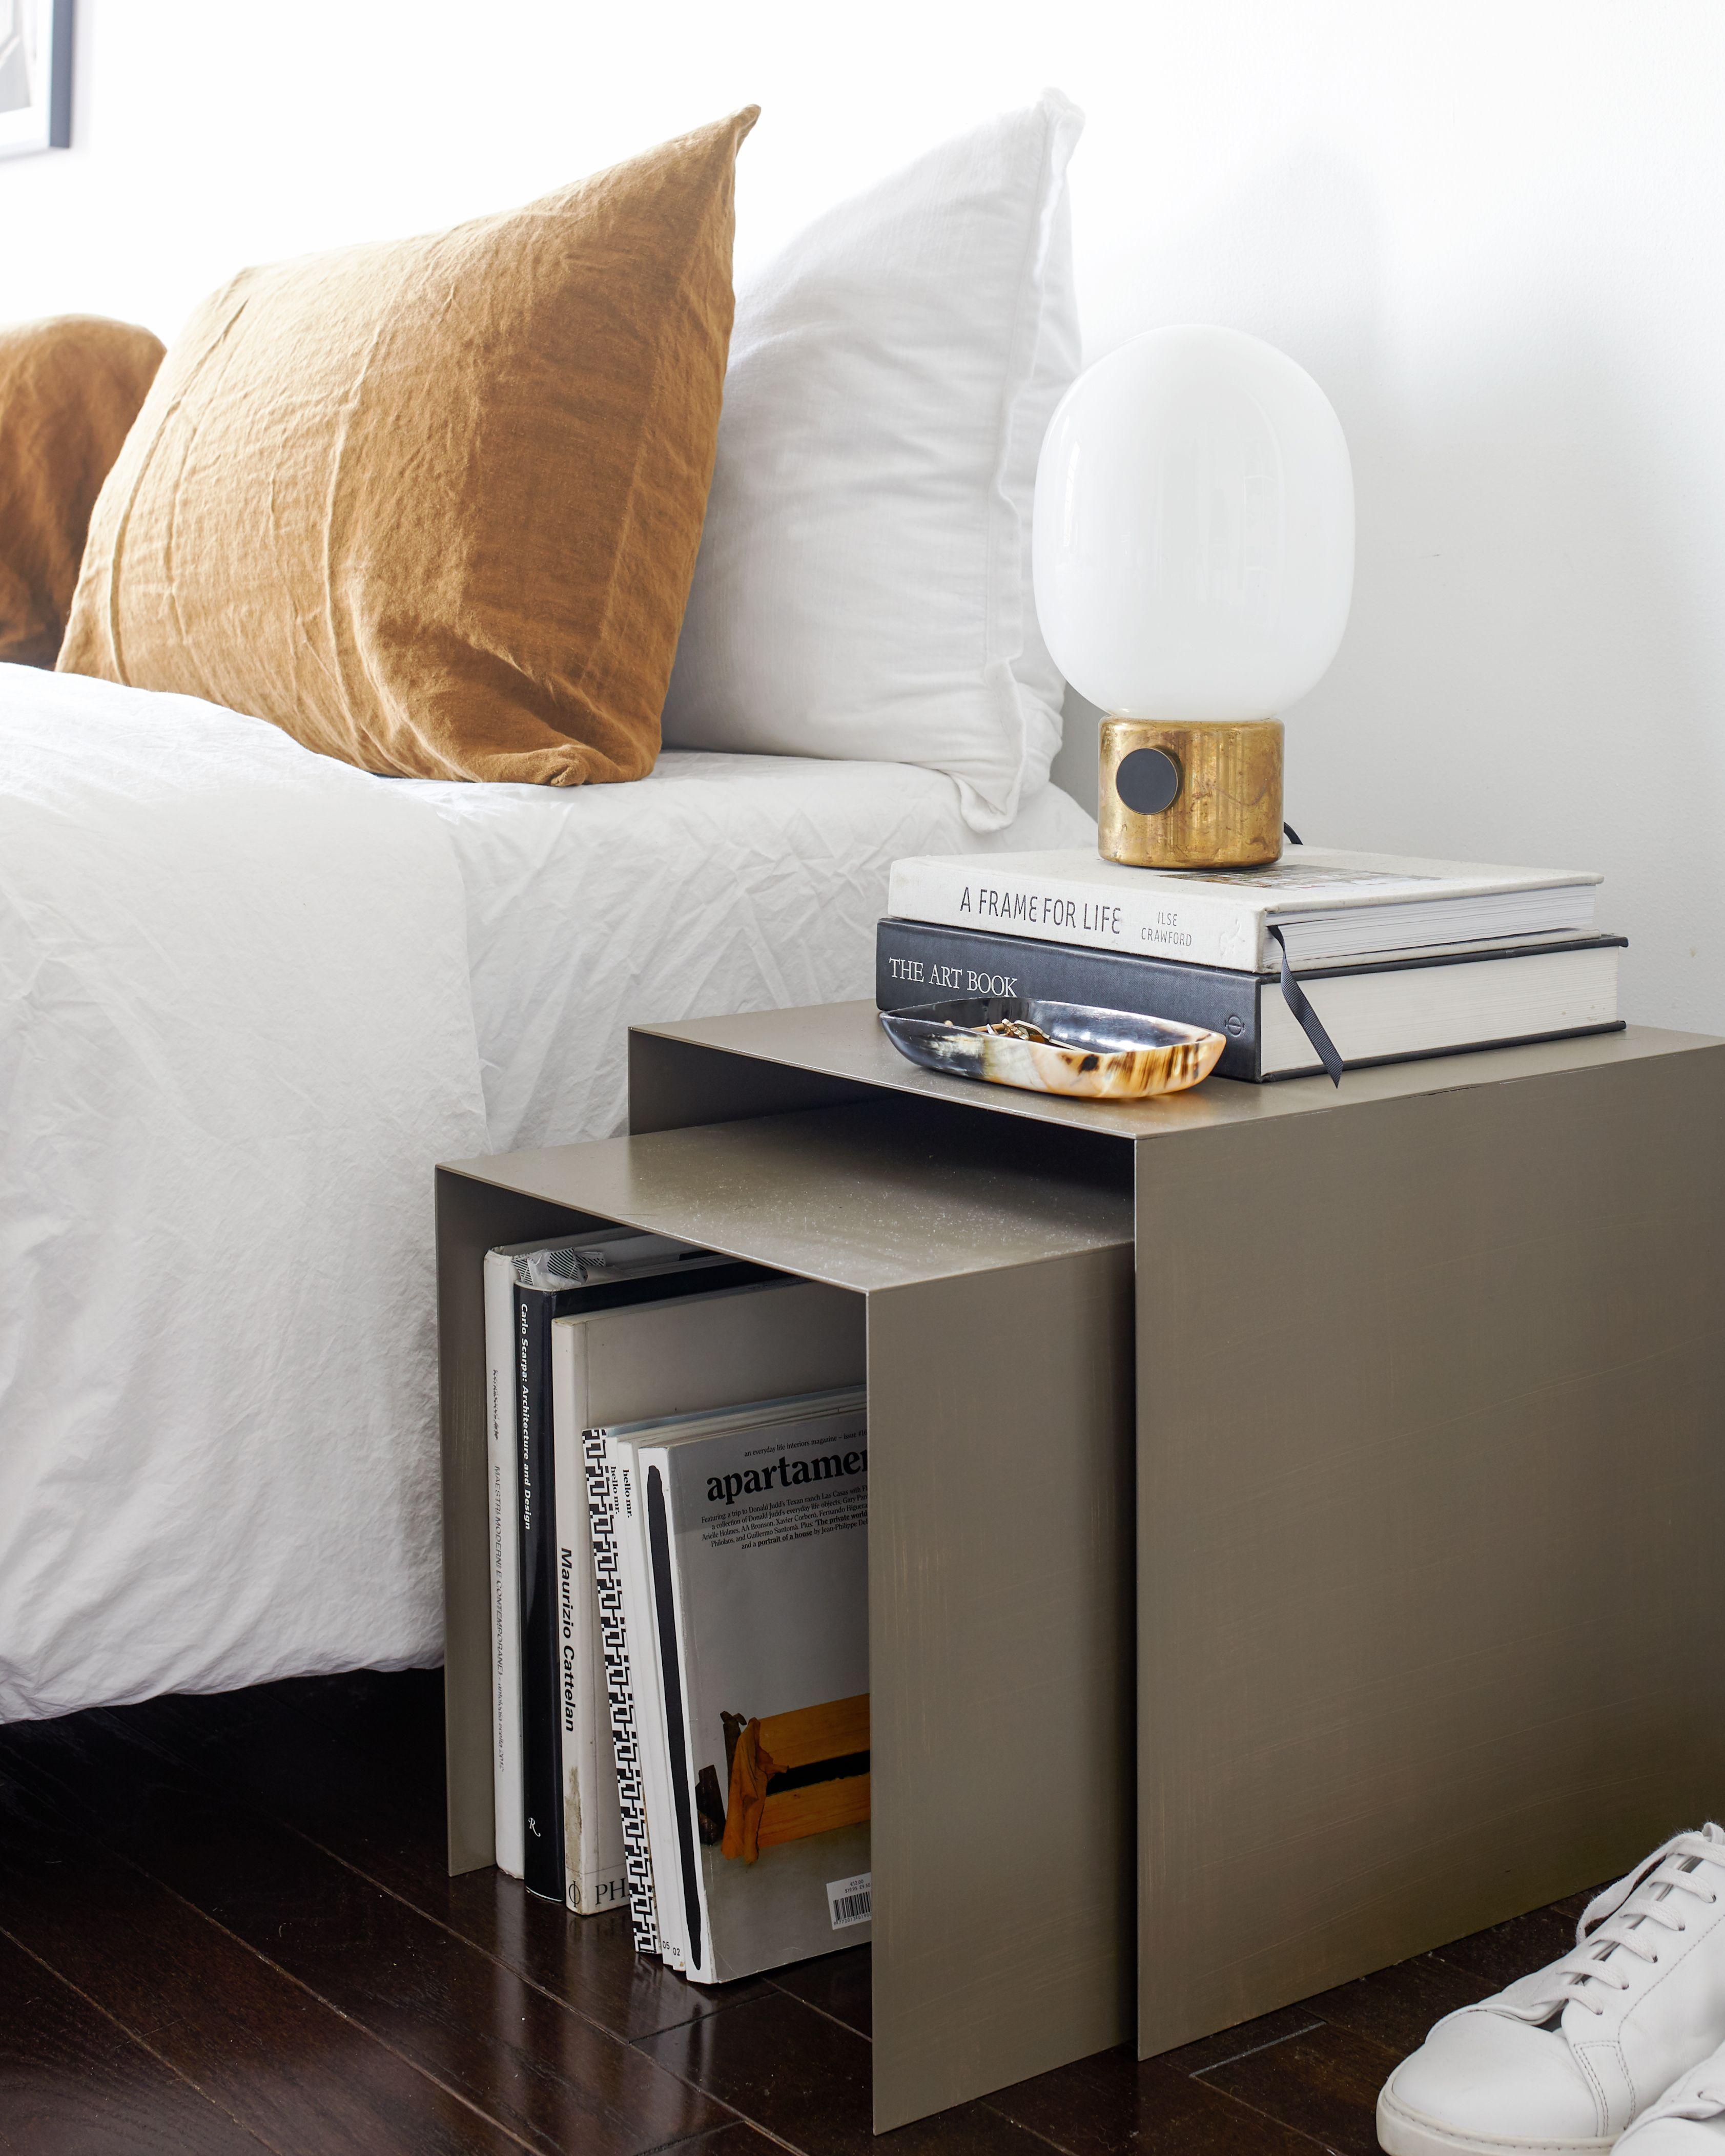 MENU | JWDA Metallic Lamp by Jonas Wagell in TRNK co founder